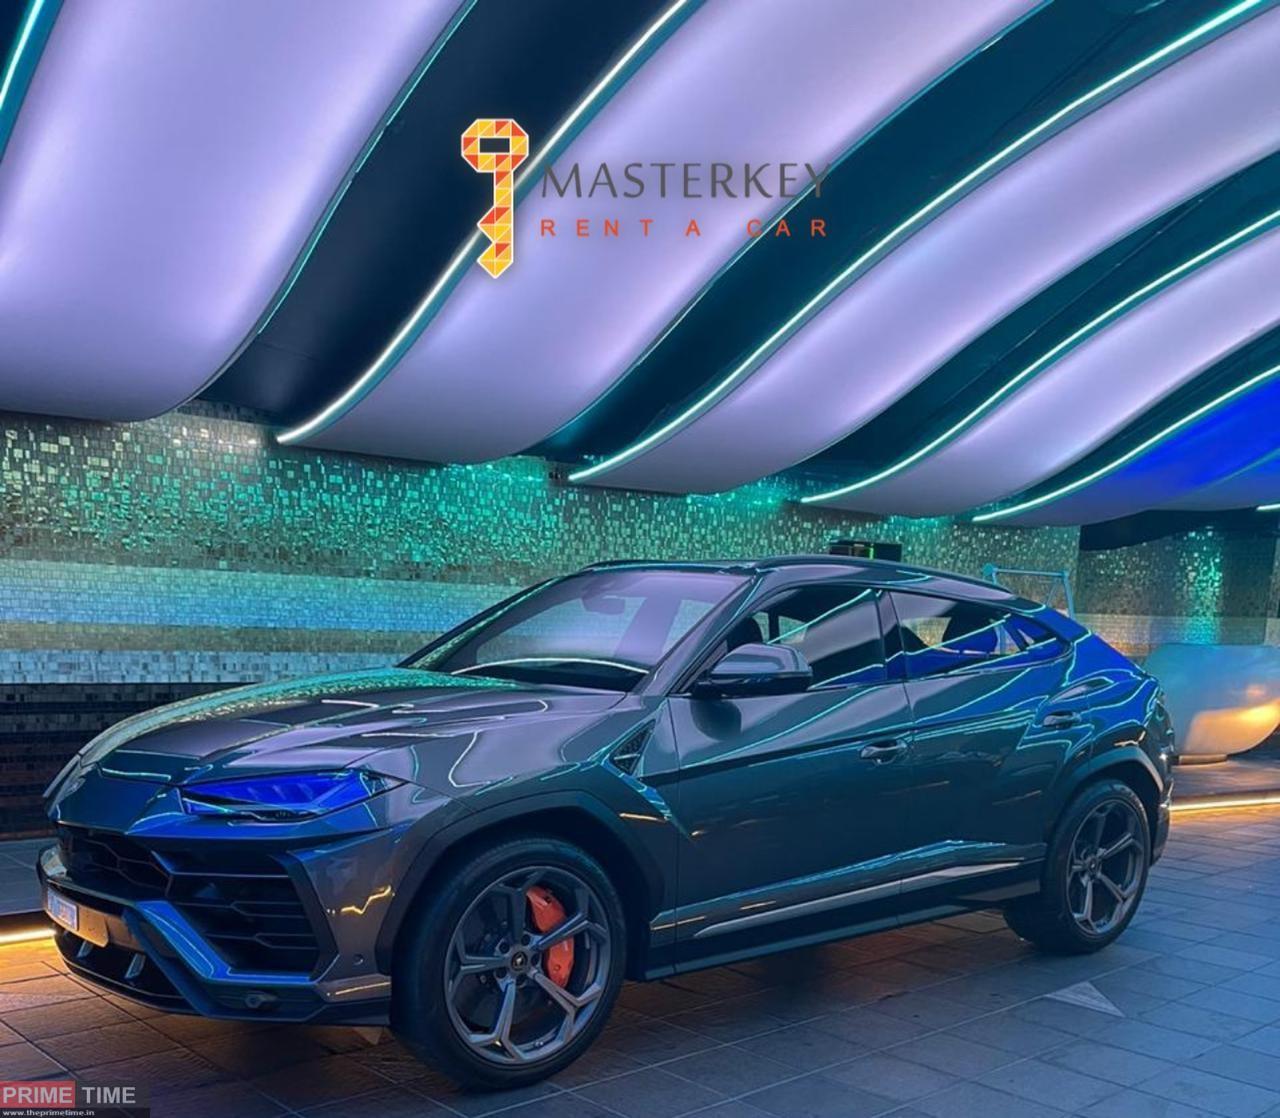 Masterkey Rent a Car